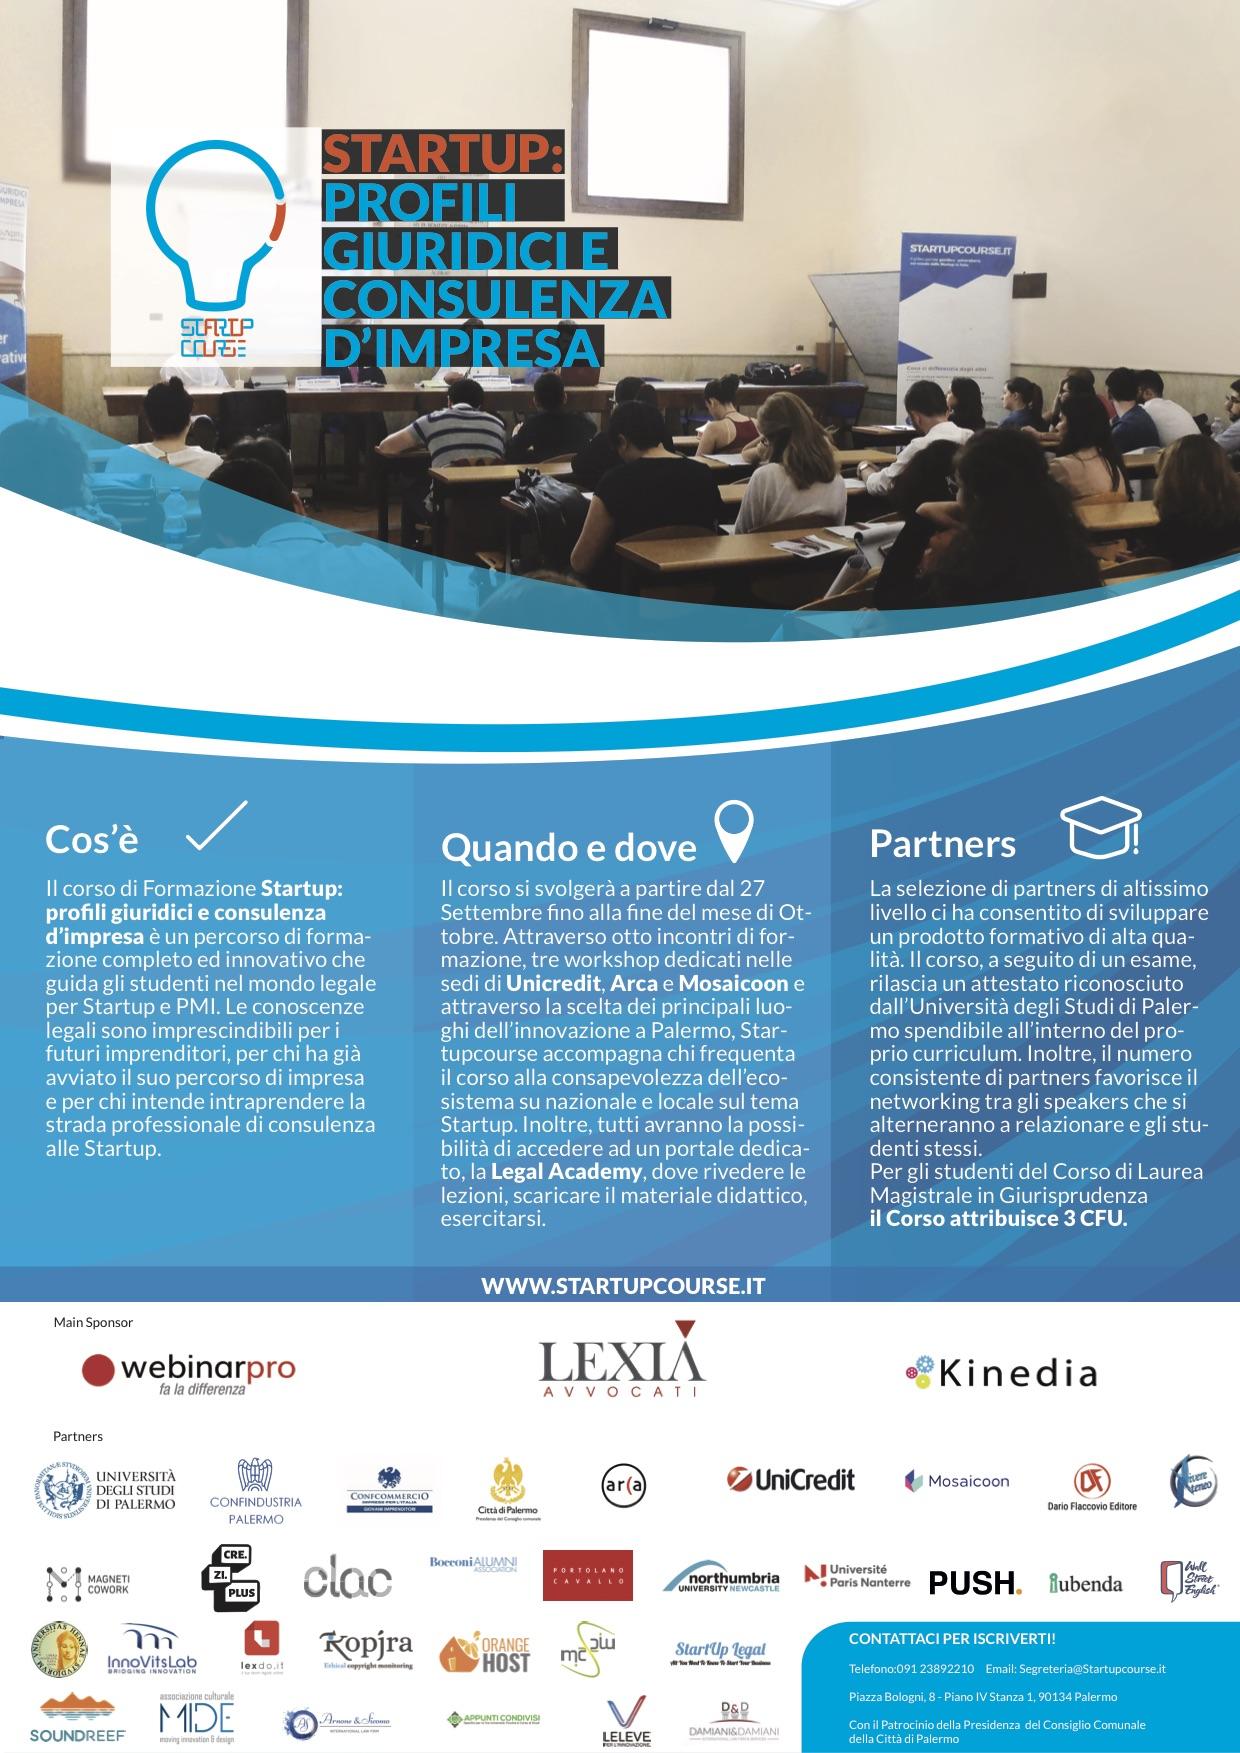 Locandina Startup profili giuridici